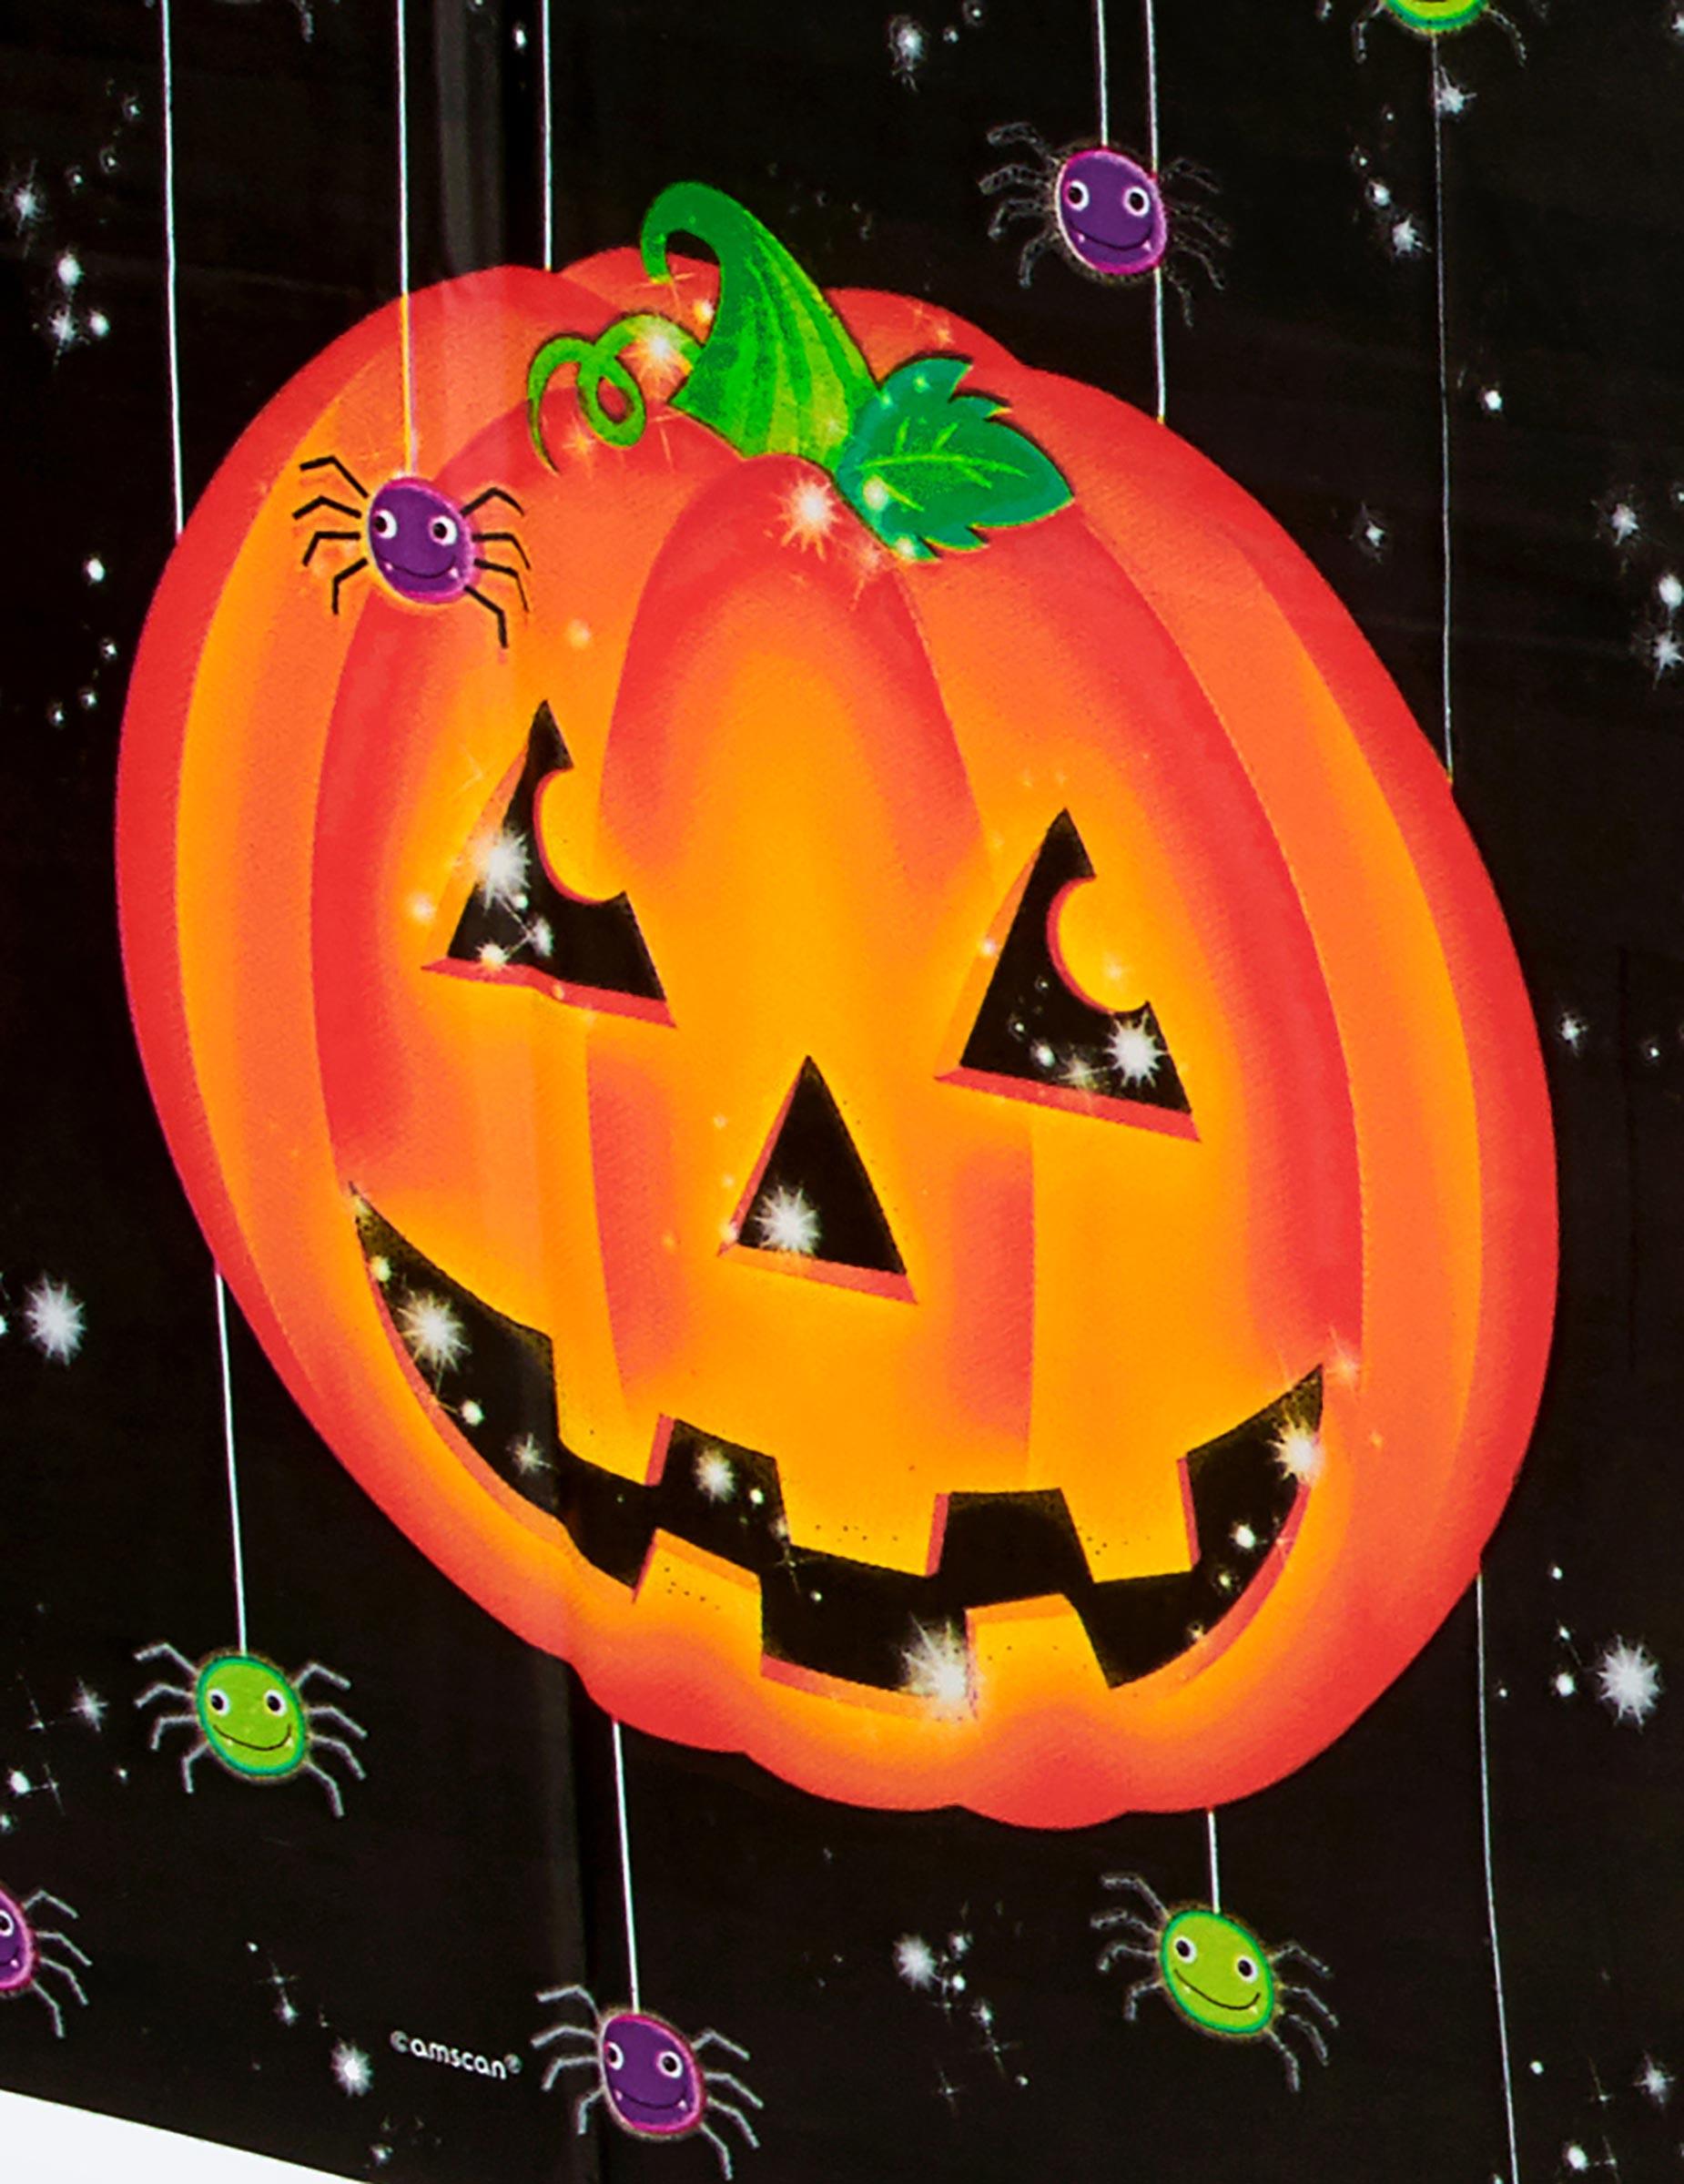 Mantel de pl stico calabazas halloween decoraci n y disfraces originales baratos vegaoo - Decoracion calabazas halloween ...